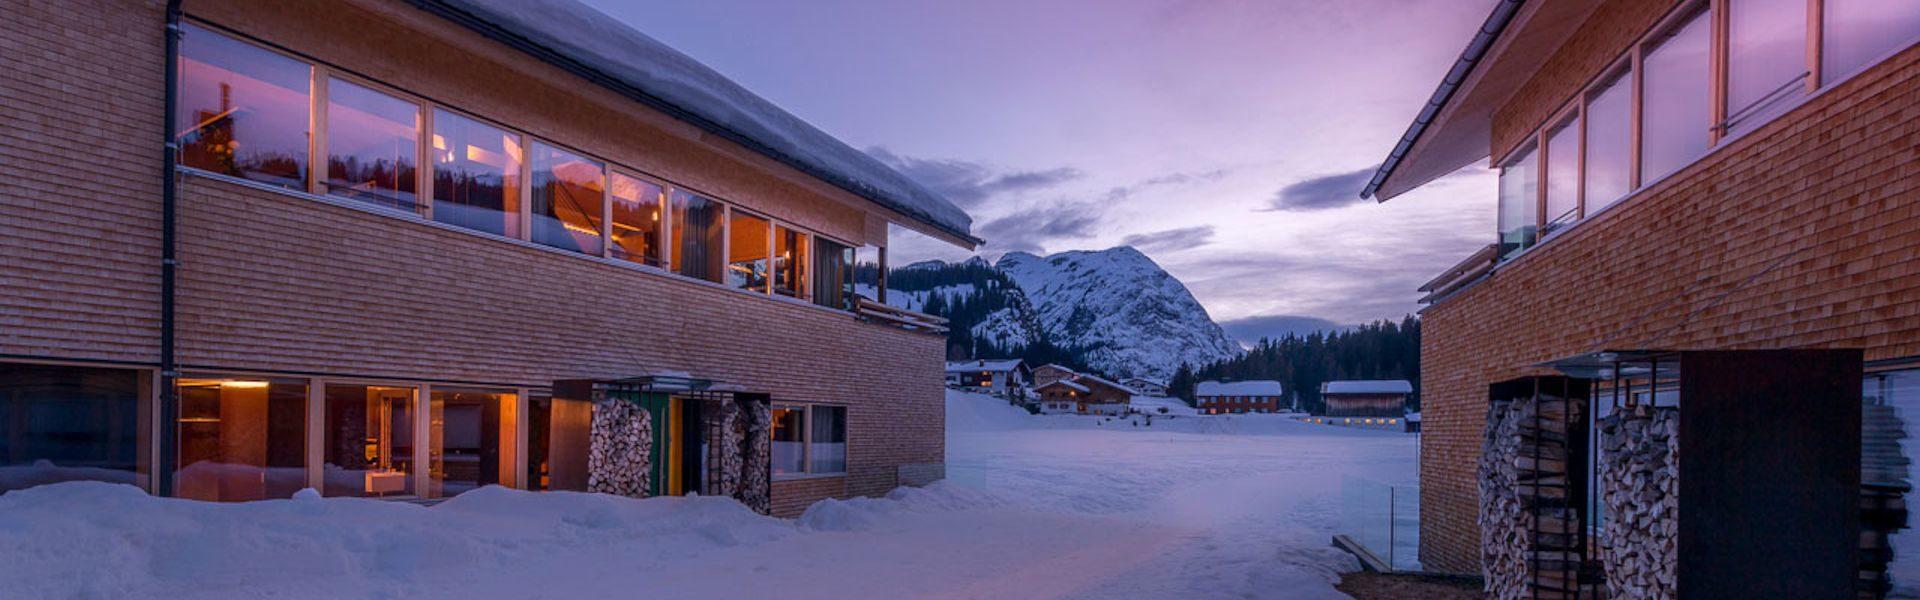 Urlaub und Architektur - Chalet No 685 und 686, Lech, Vorarlberg